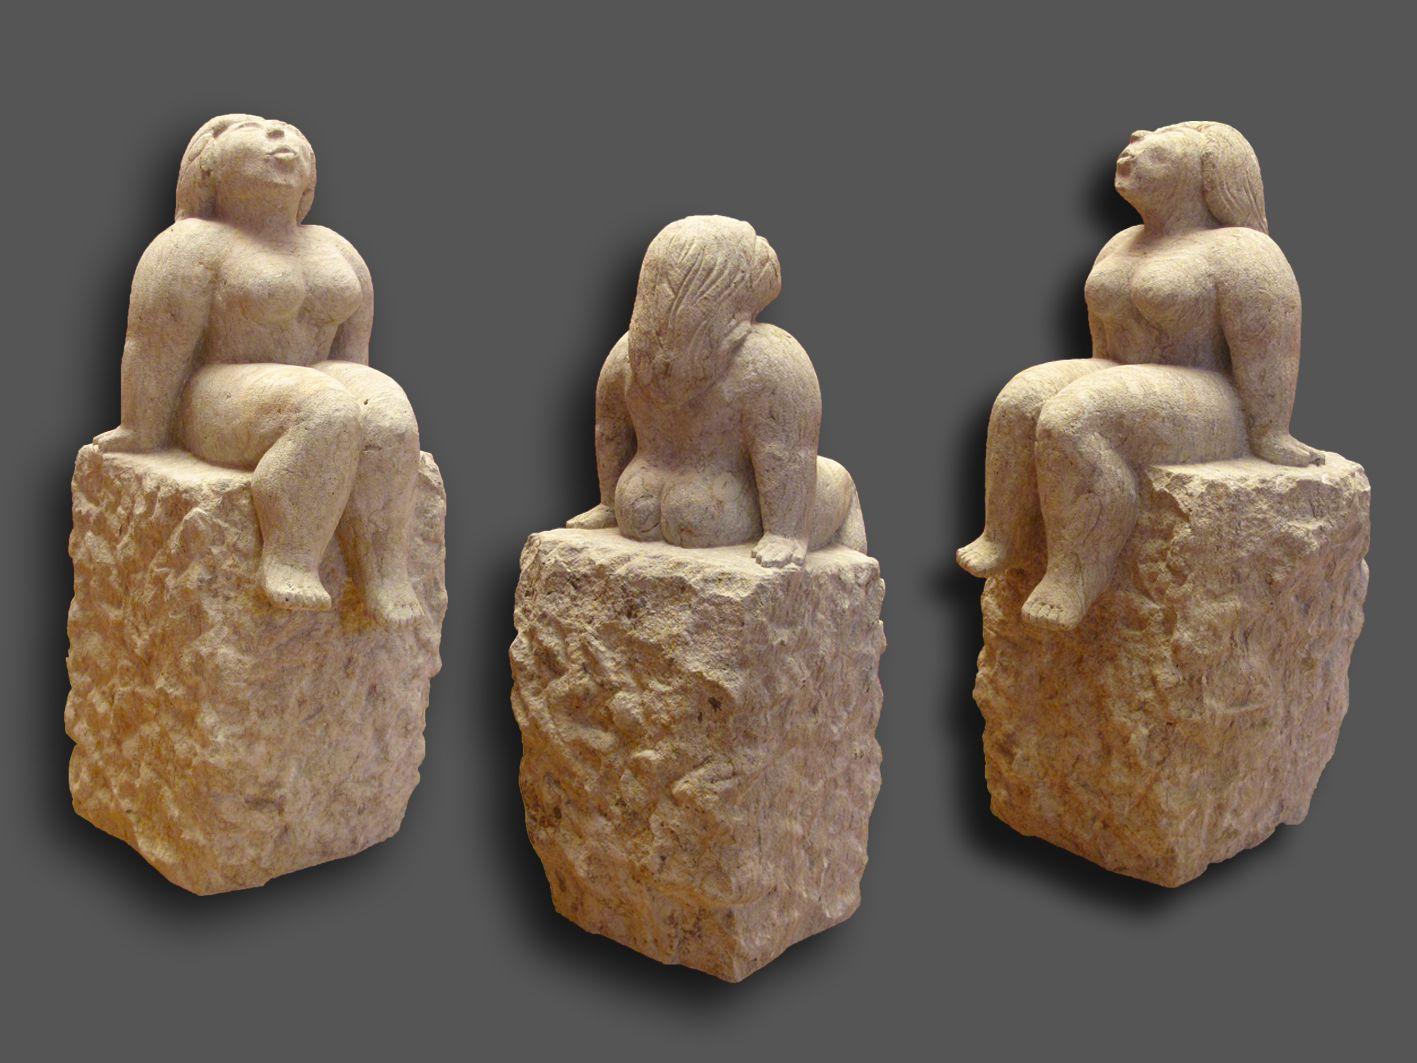 Skulptur Frau Sandstein   Steinskulptur, Skulpturen, Steinbildhauer